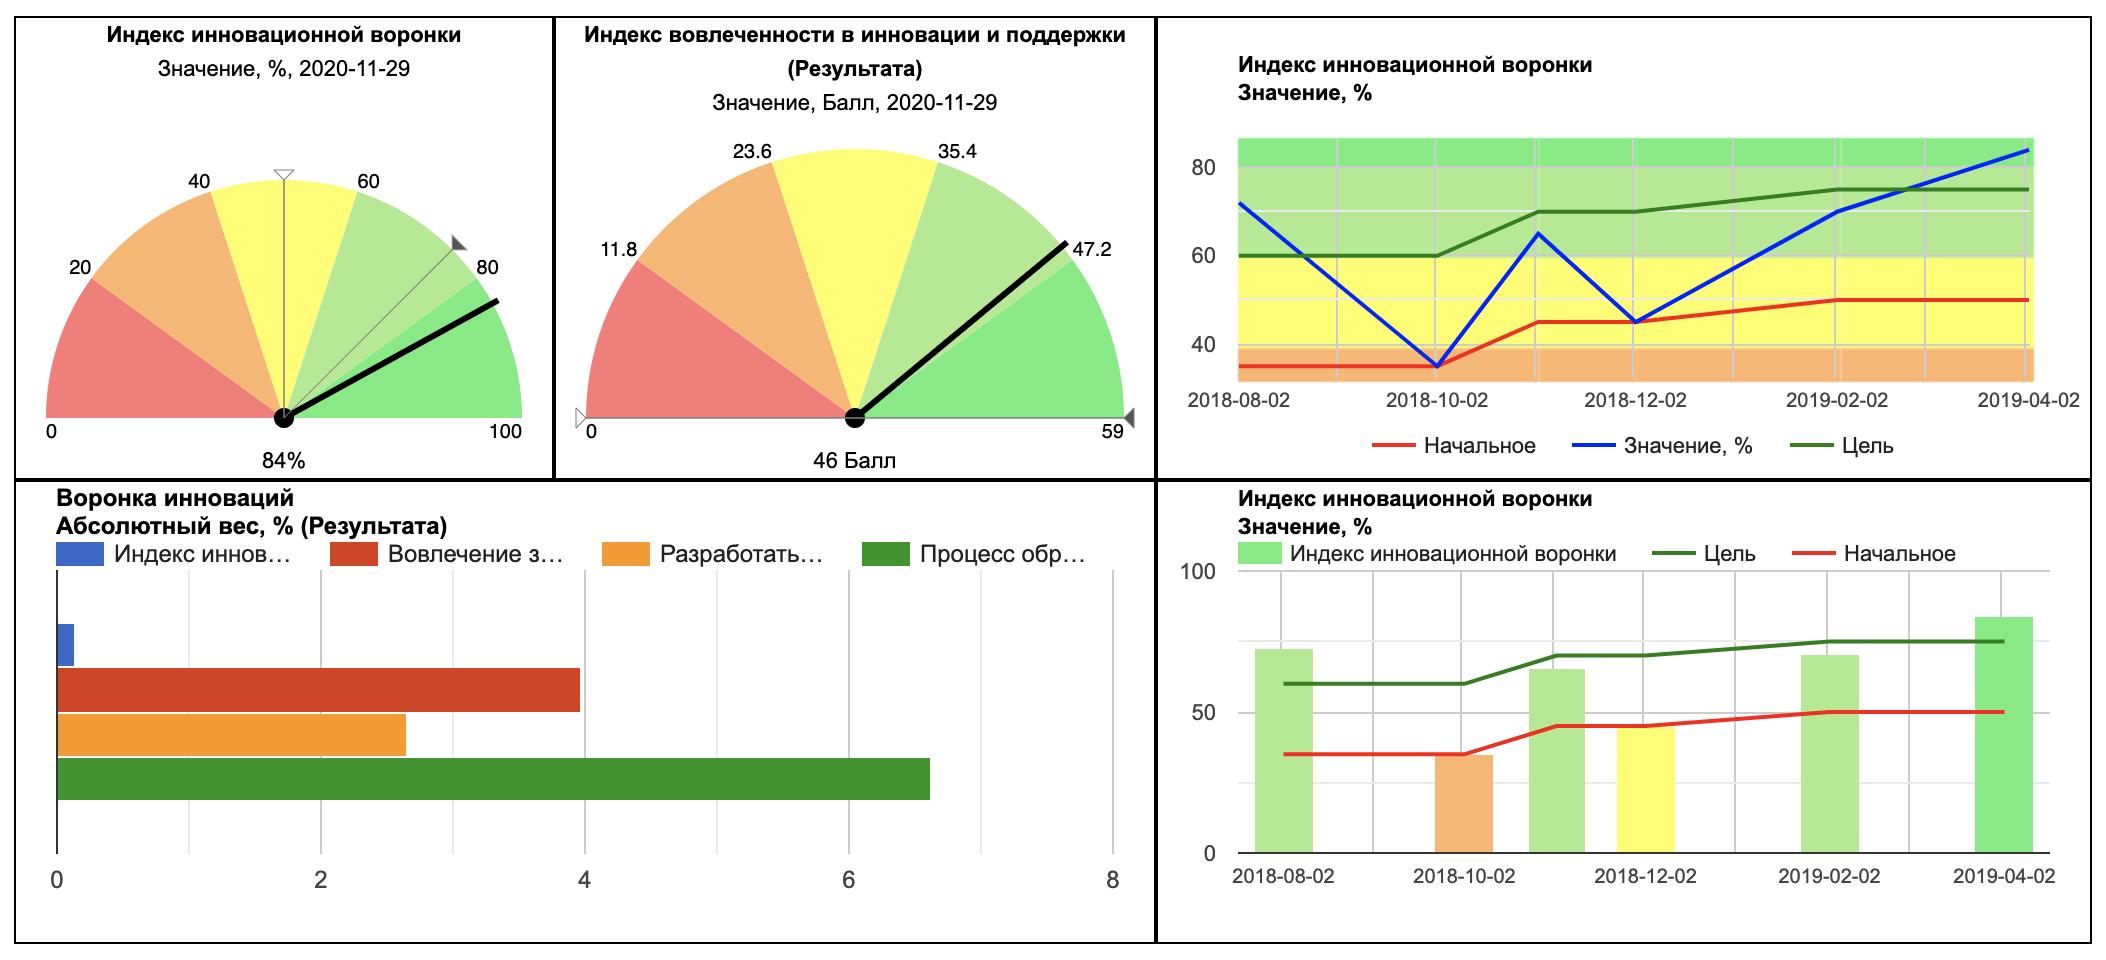 Информационная панель производительности для инноваций